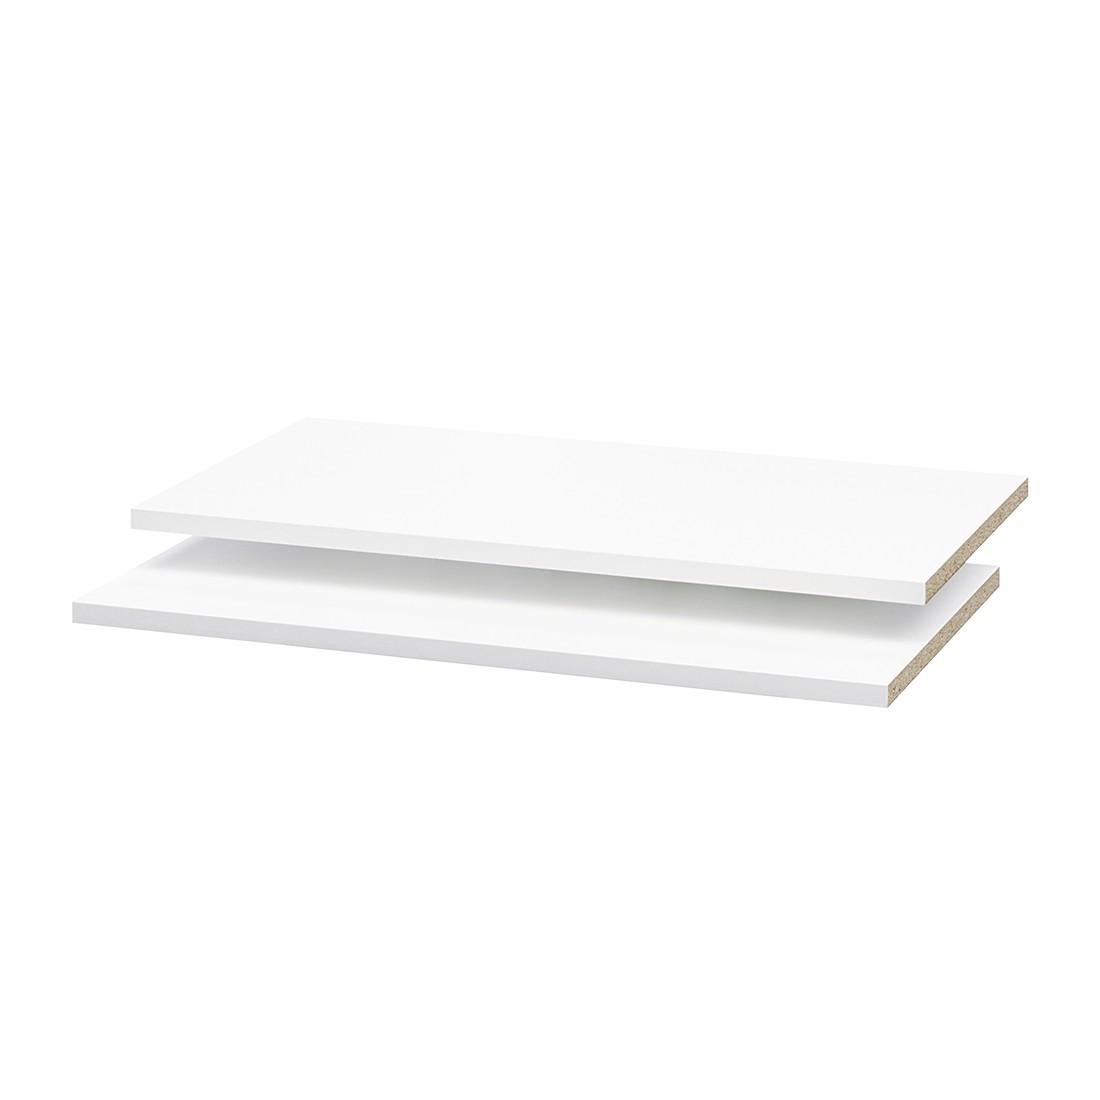 goedkoop Inlegplanken Soft Smart I 2 delige set wit 120cm breed 42cm diep Cs Schmal